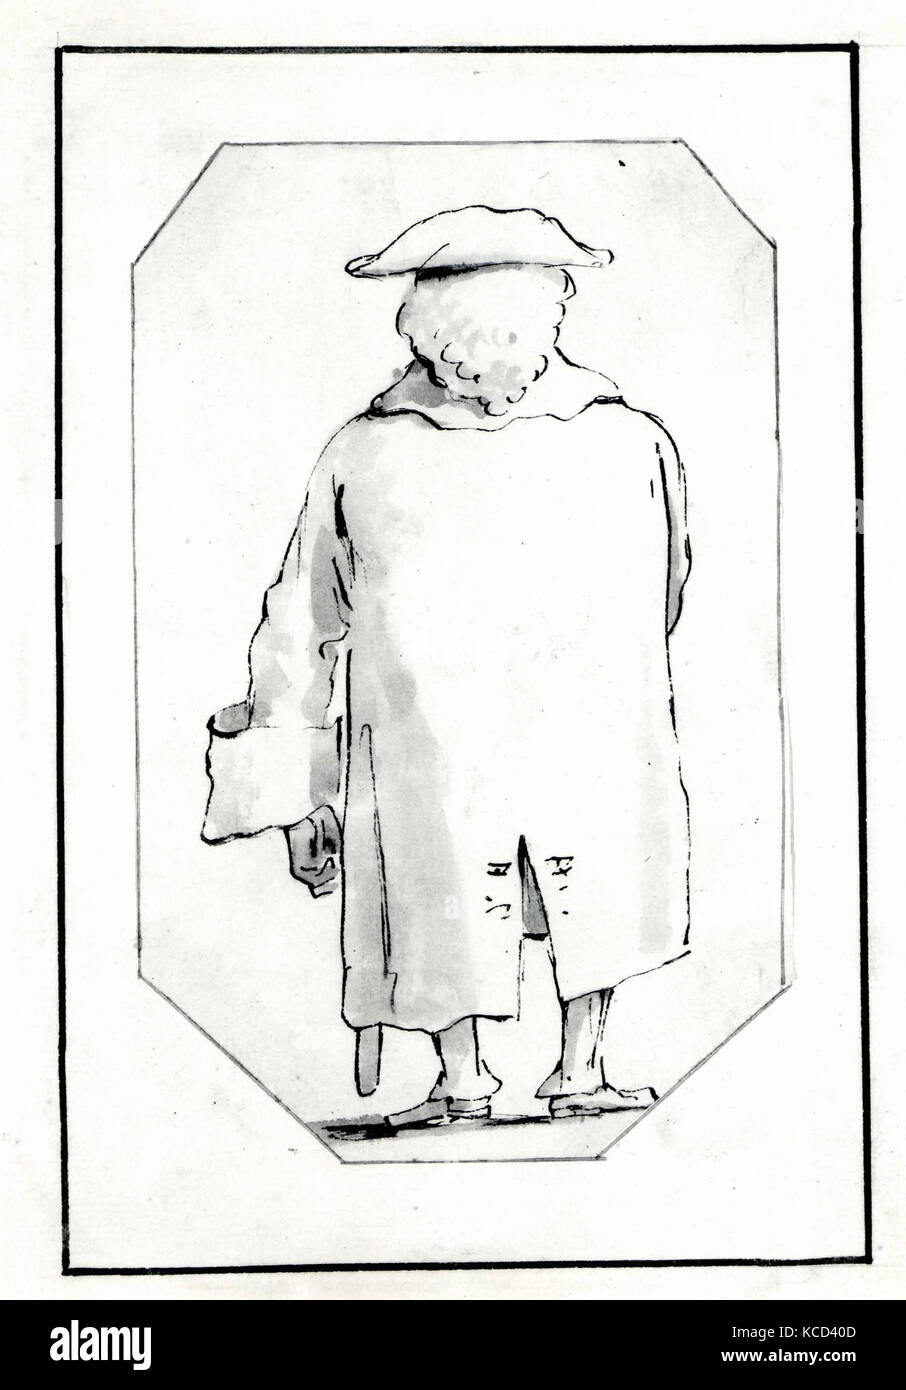 La caricatura di un uomo che indossa una parrucca e un Tricorne 3708e28f1a5e